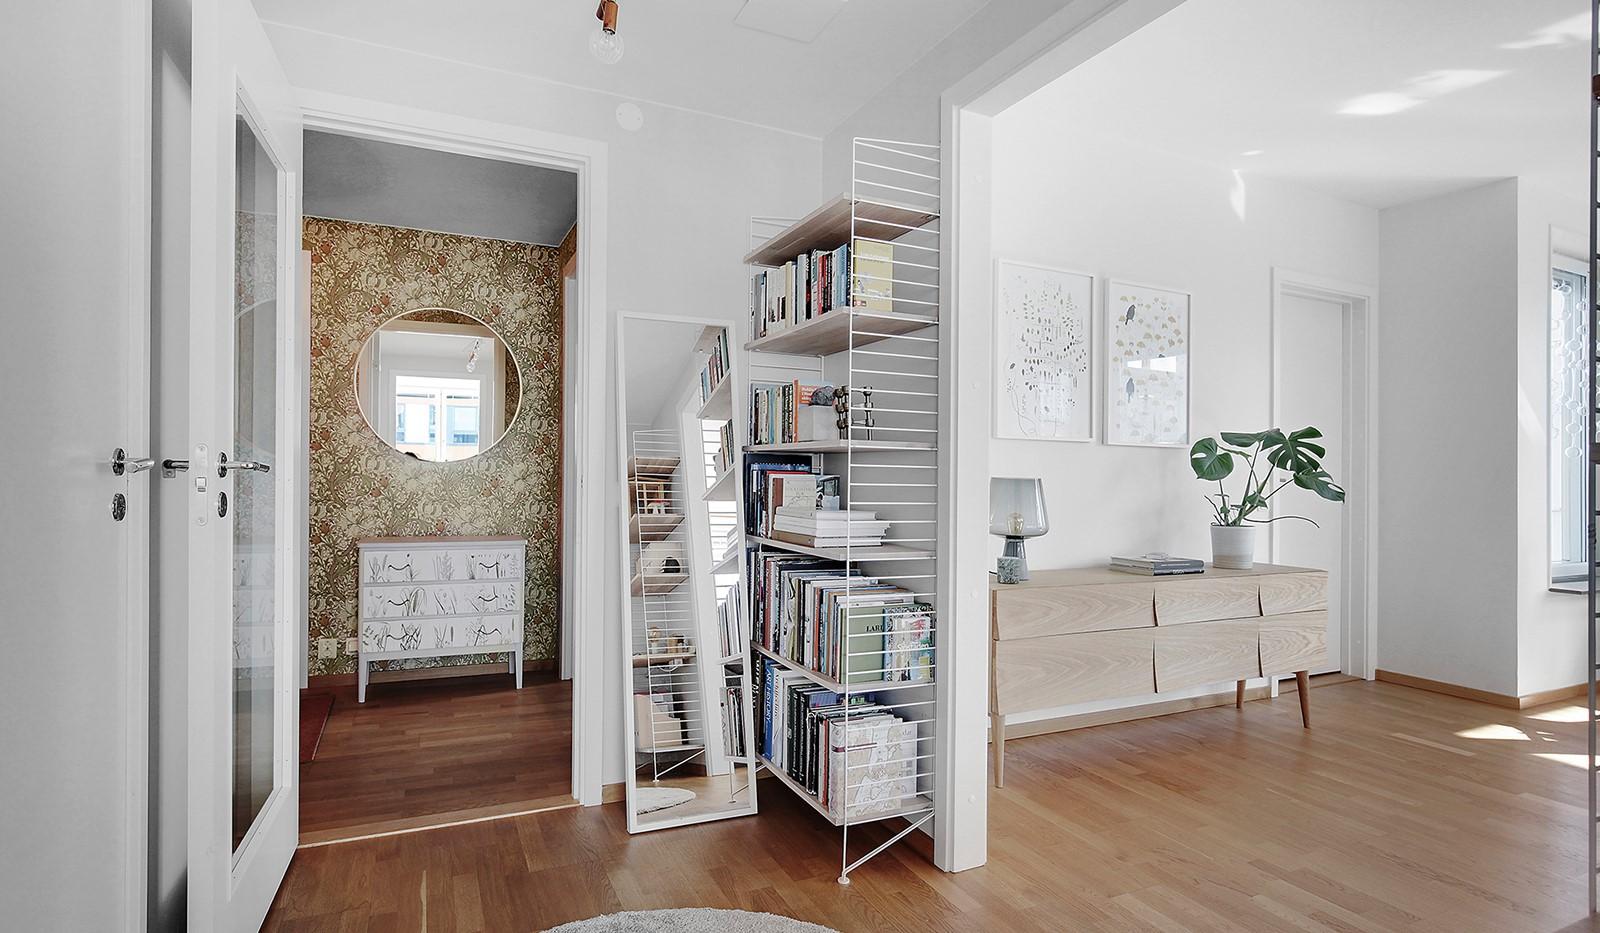 Hammarby Allé 119, 5 tr - En vacker glasdörr leder oss in från hallen